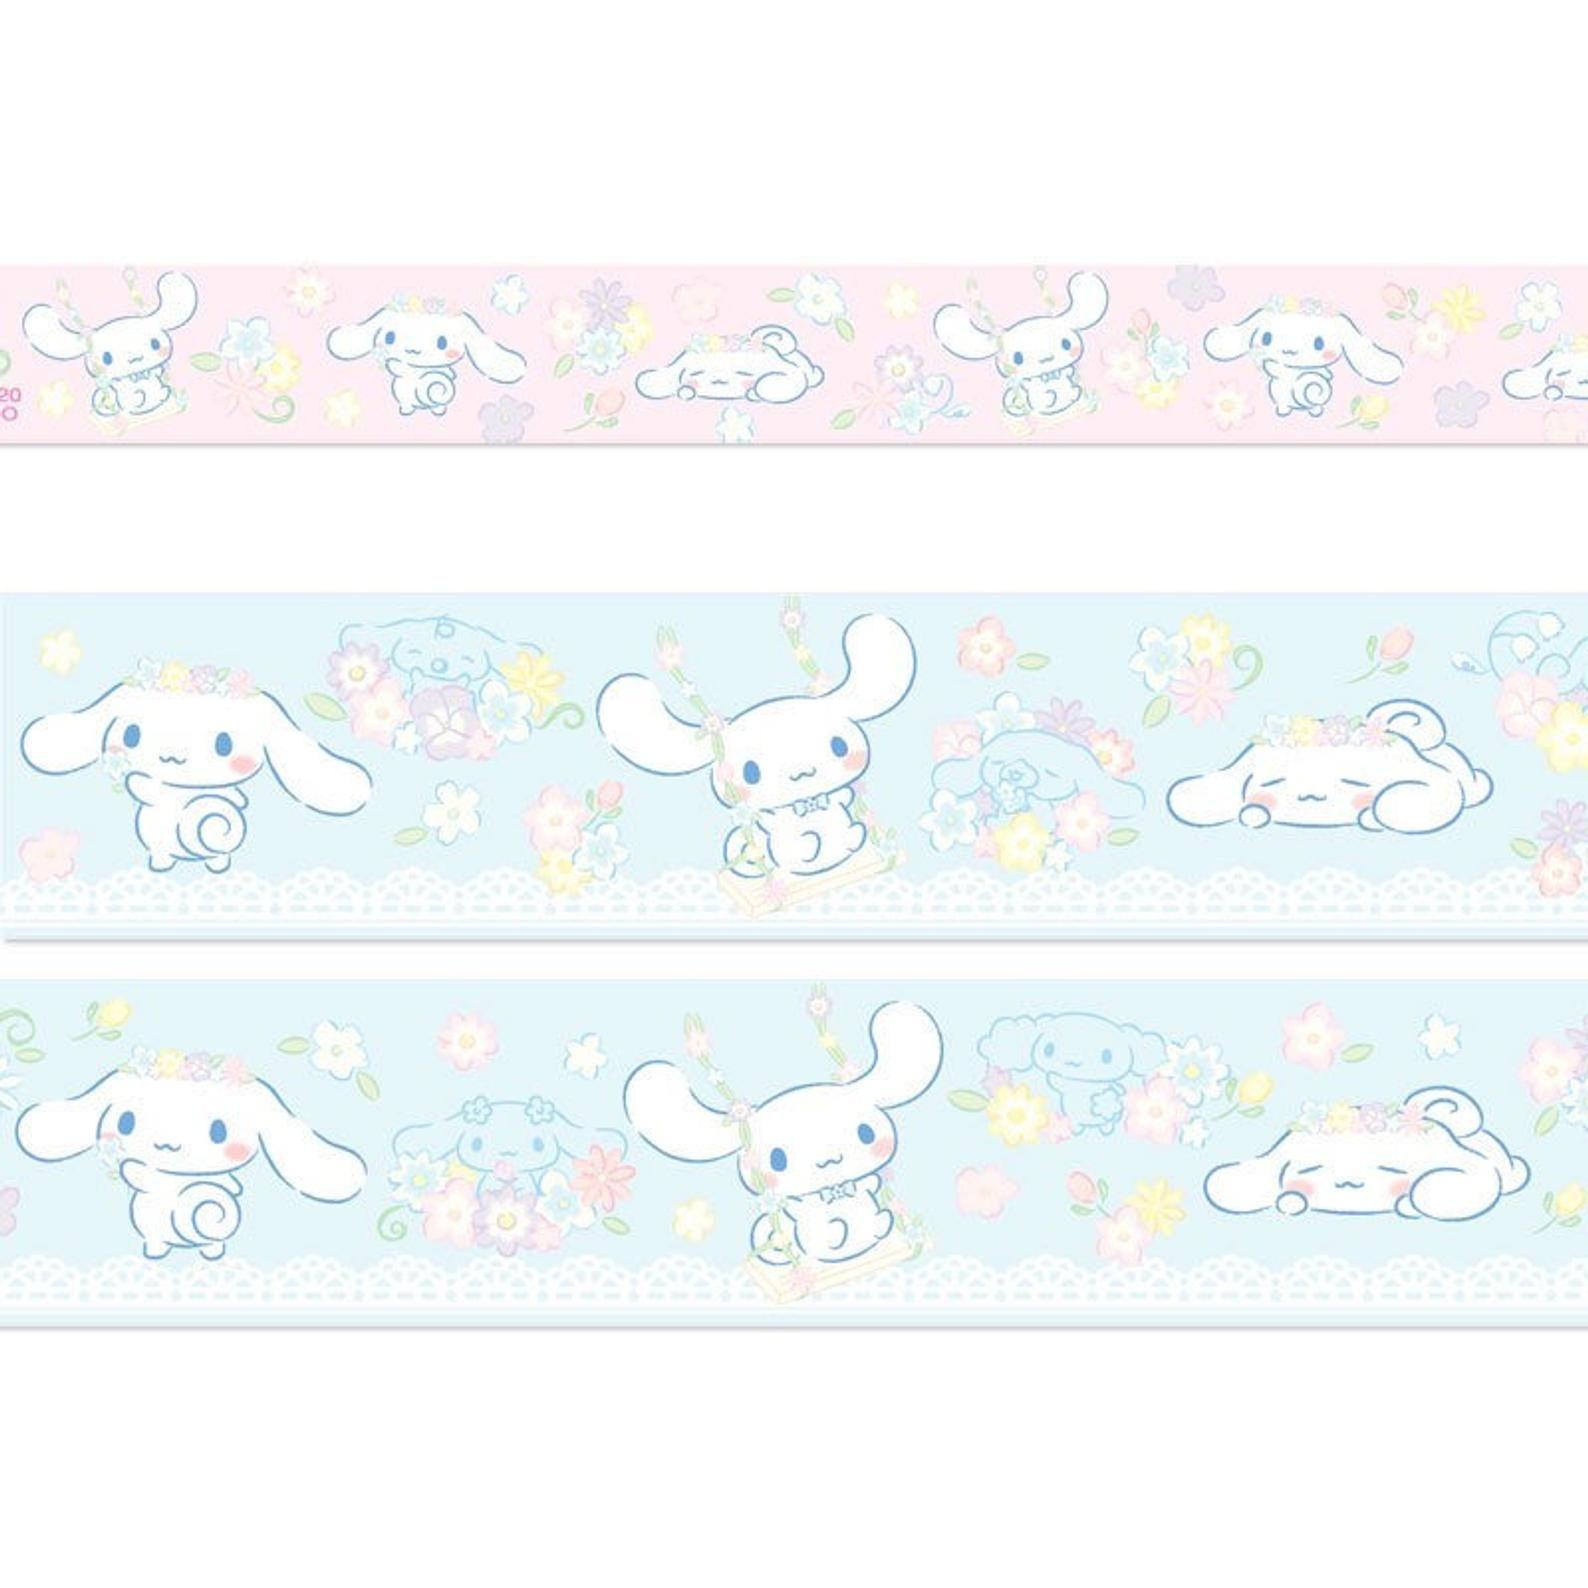 Sanrio Japanese Washi Tape Paper Masking Tape Dog Etsy Cute Doodles Washi Tape Hello Kitty Photos